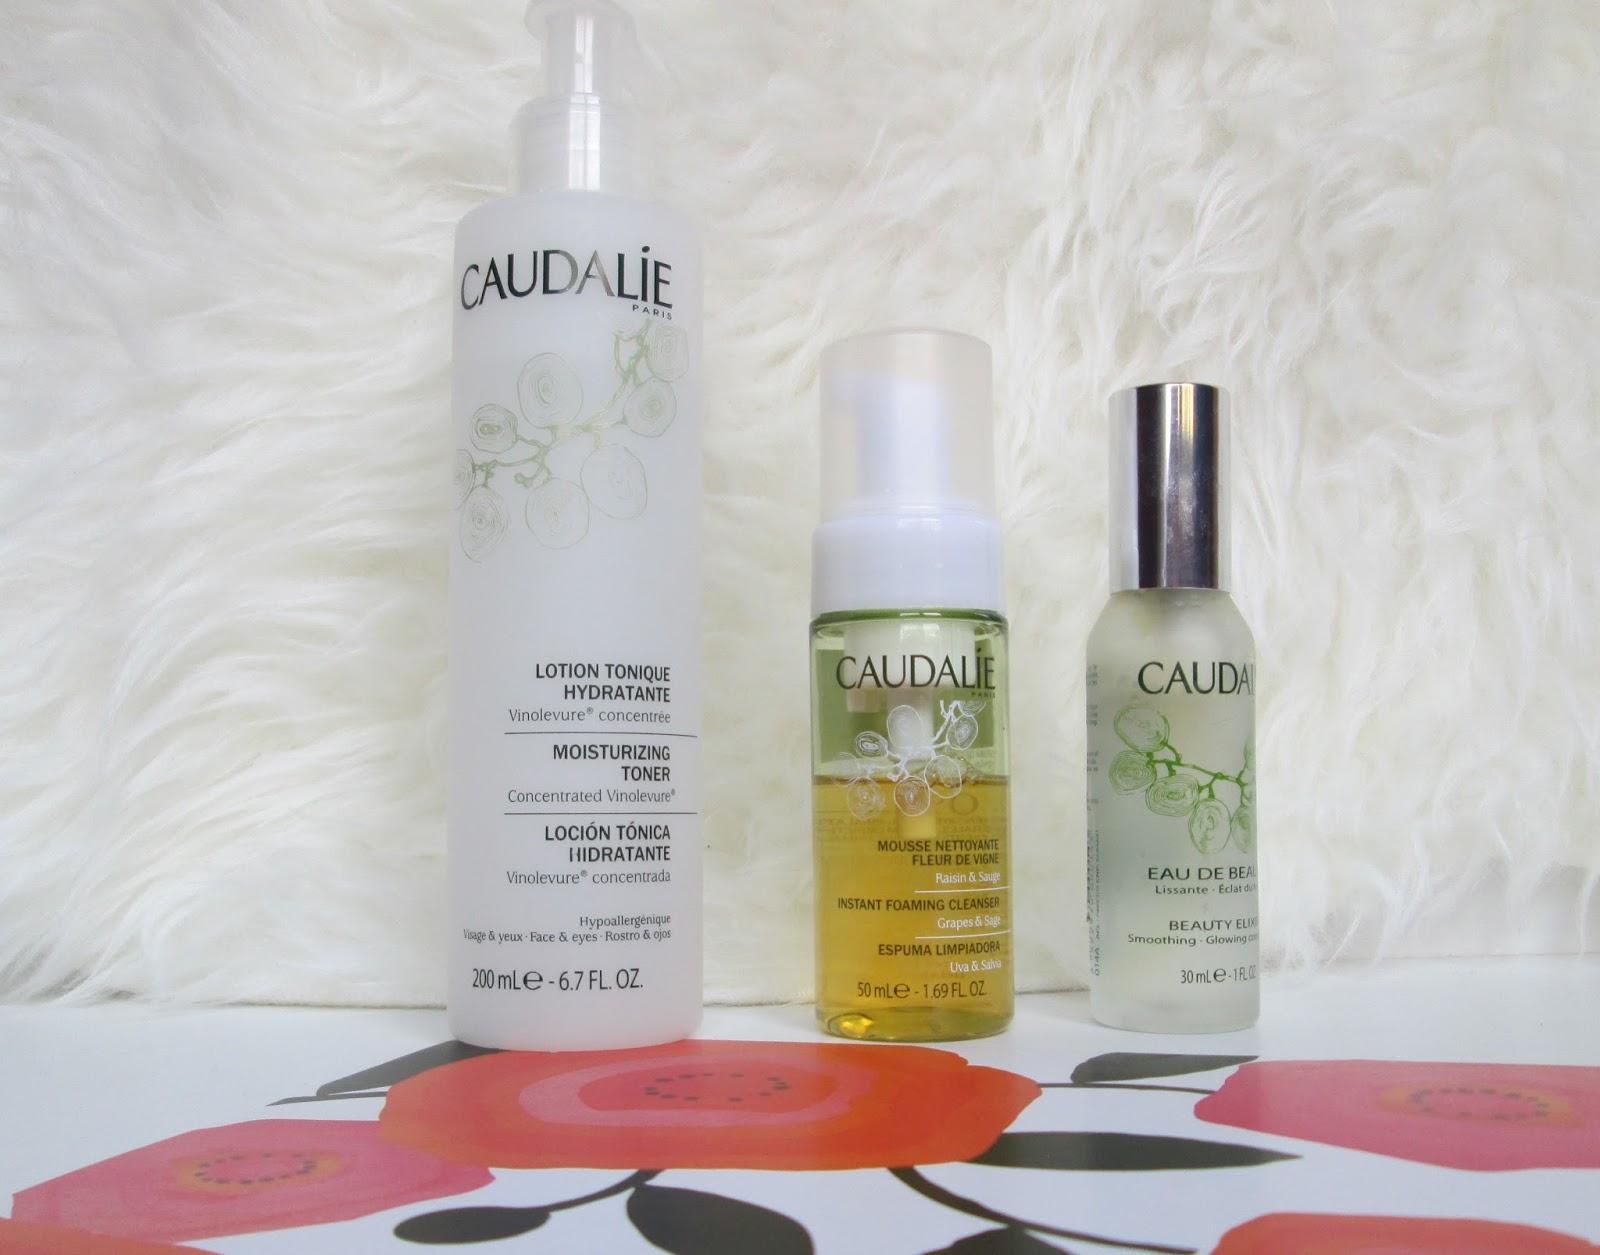 Audrey Caudalie Cilt Ve Makyaj Temizleme ürünleri Incelemesi